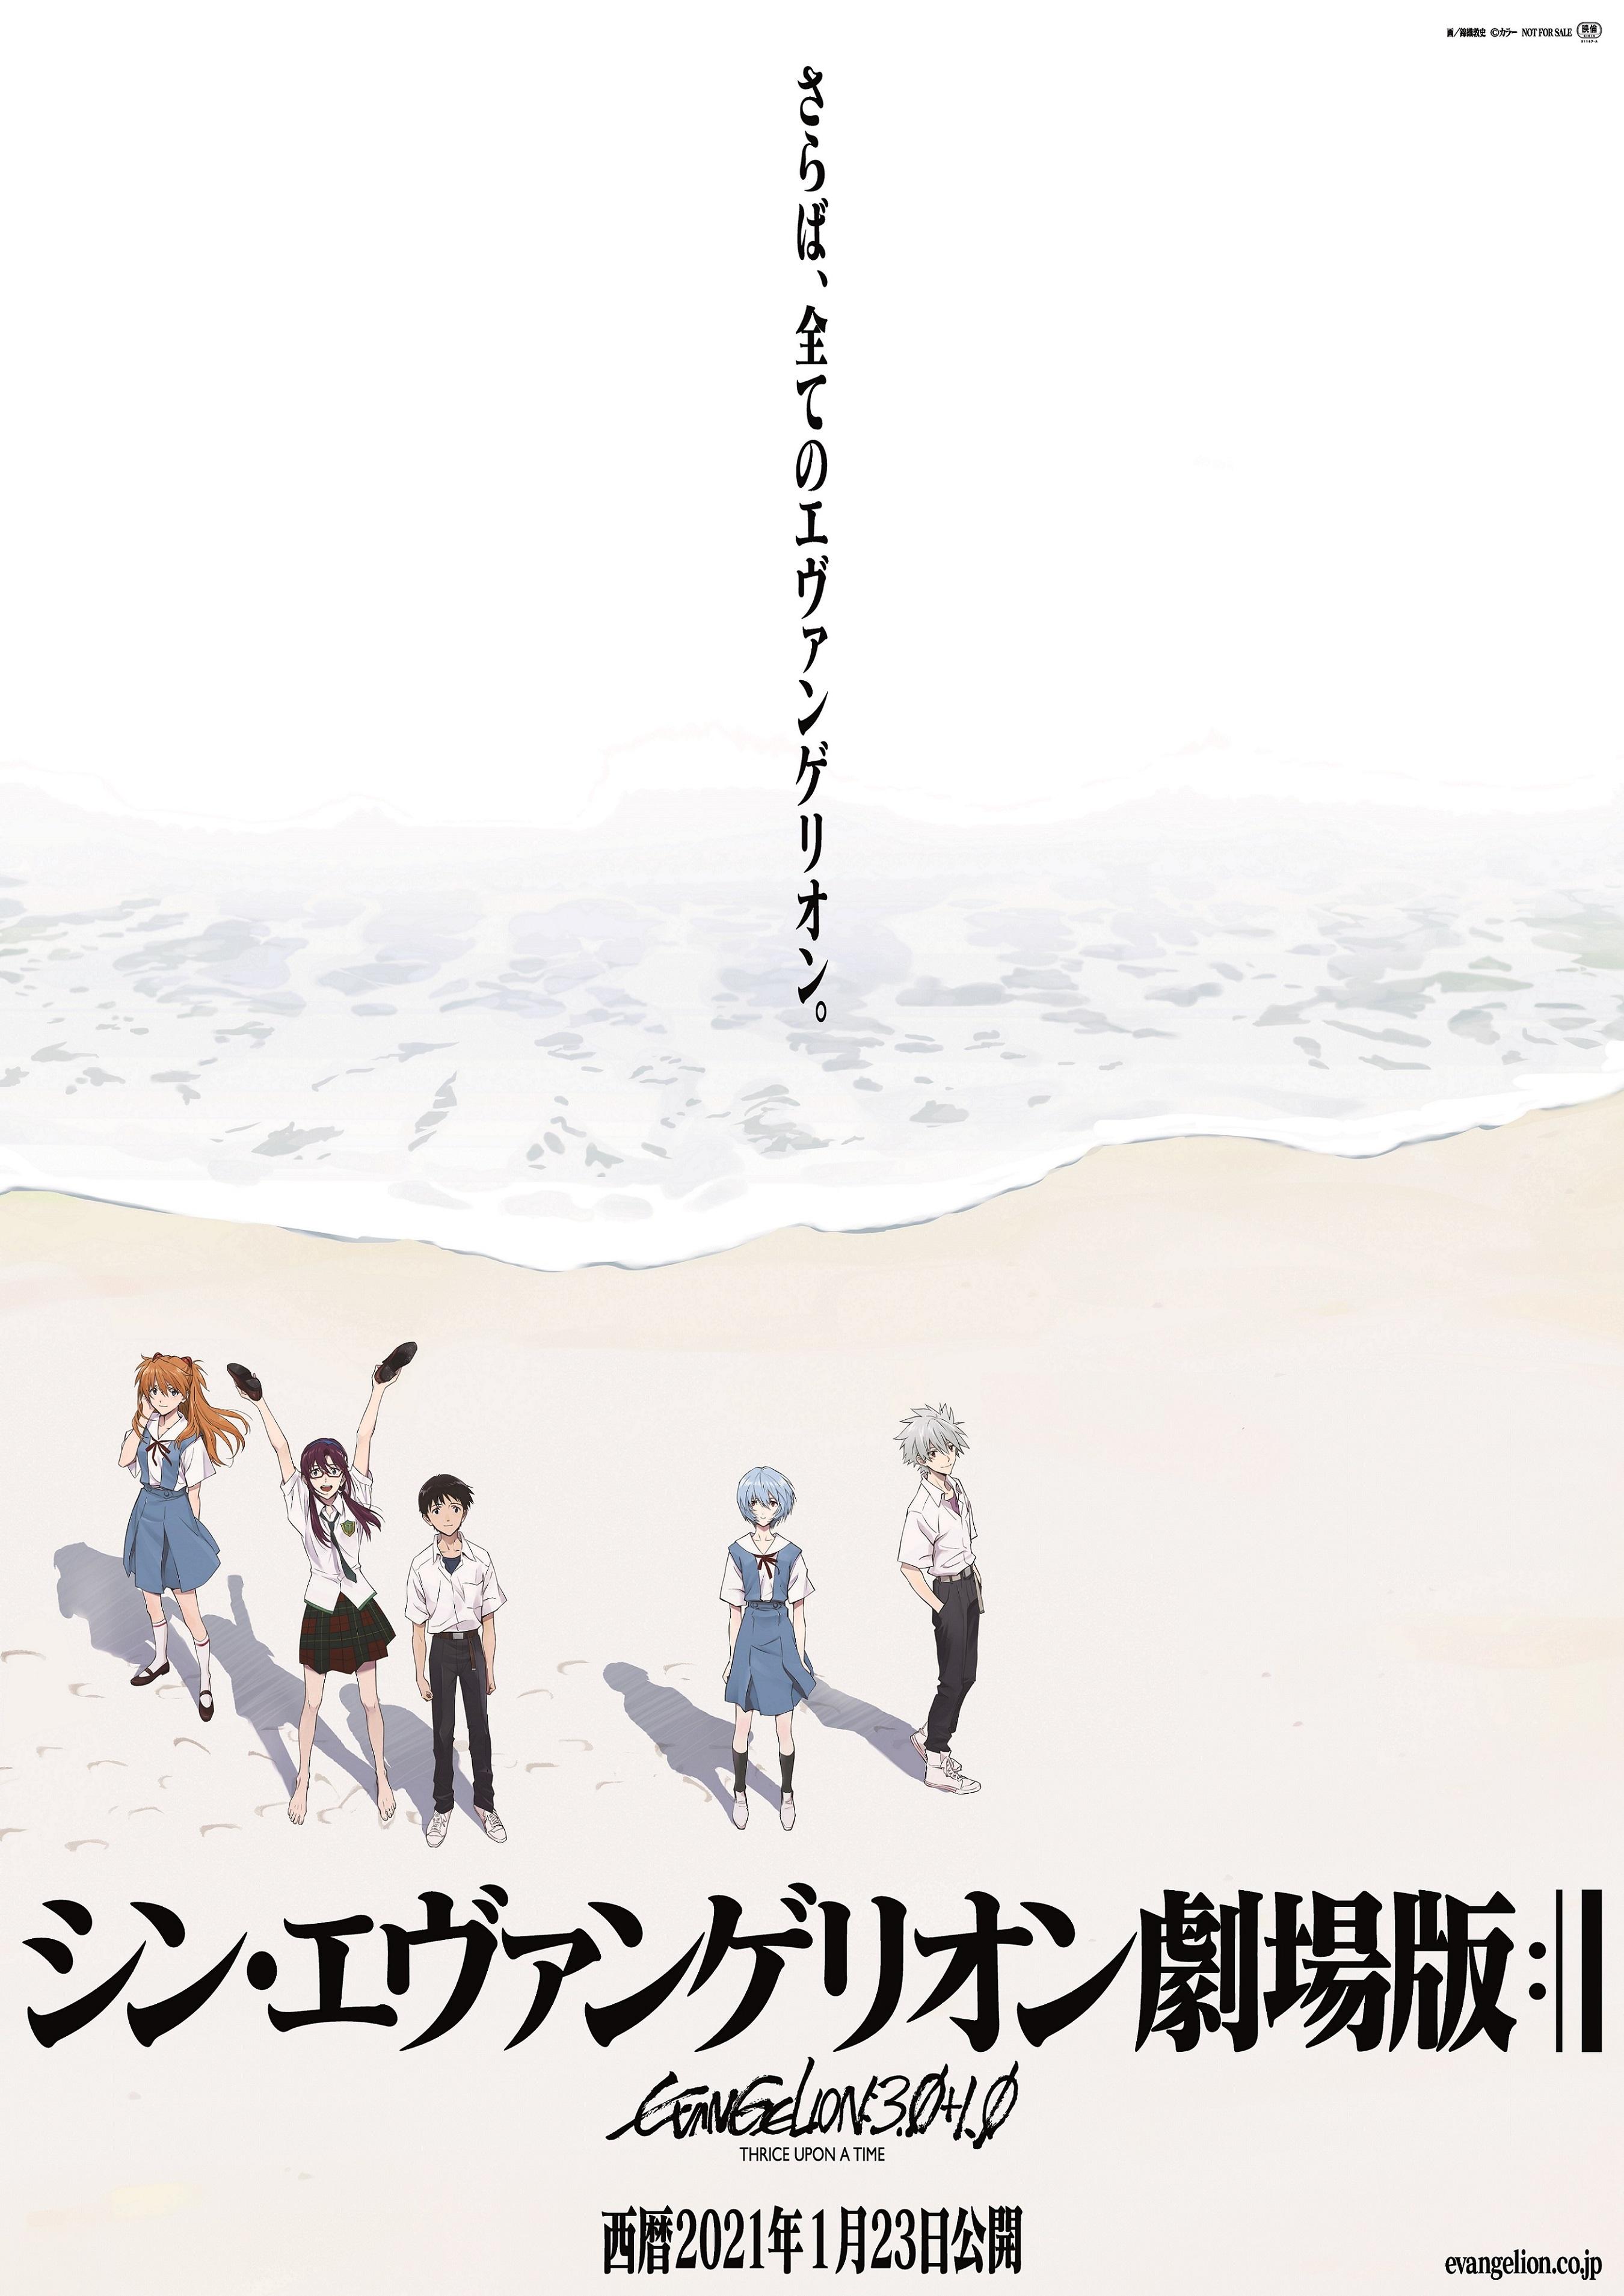 『シン・エヴァンゲリオン劇場版』新ポスター